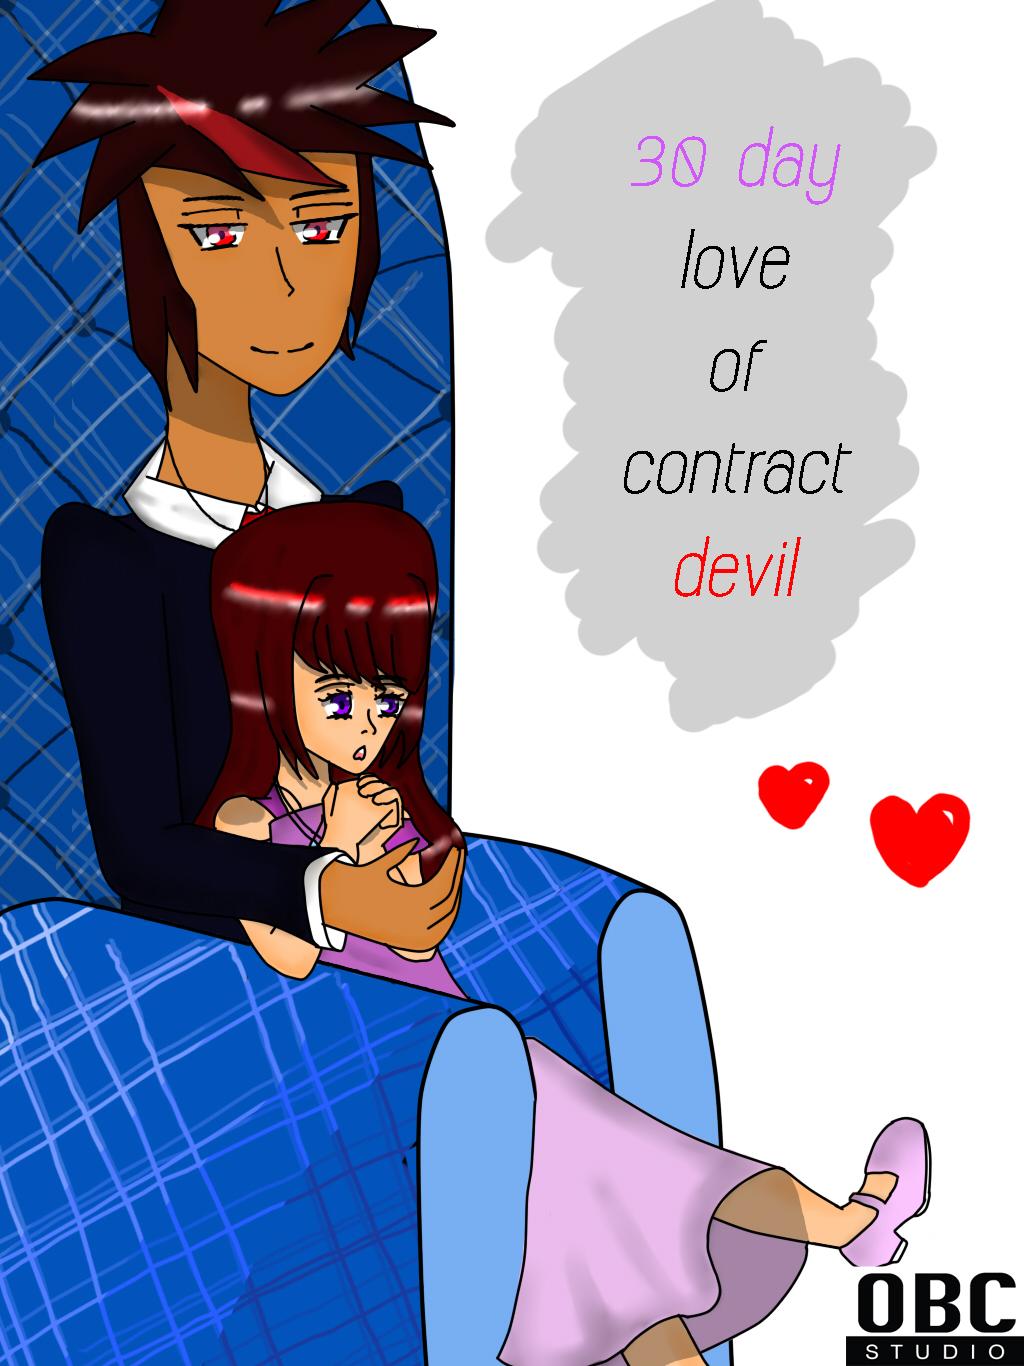 30 day love of contract (ผีรักทุกนาเธอ คอนเทสต์)